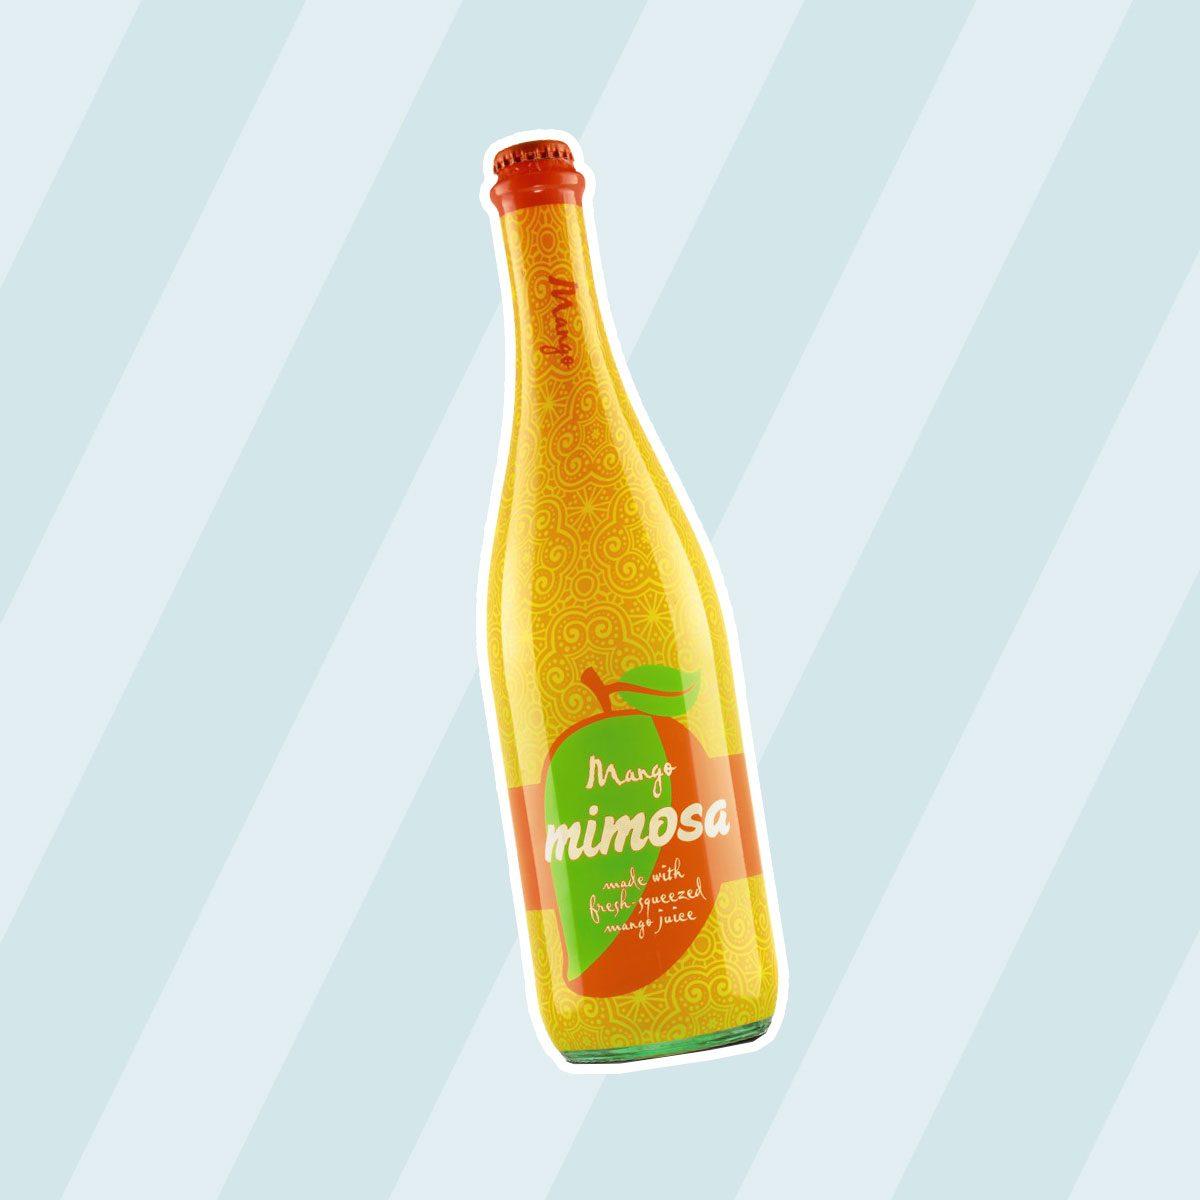 Mango Mimosa